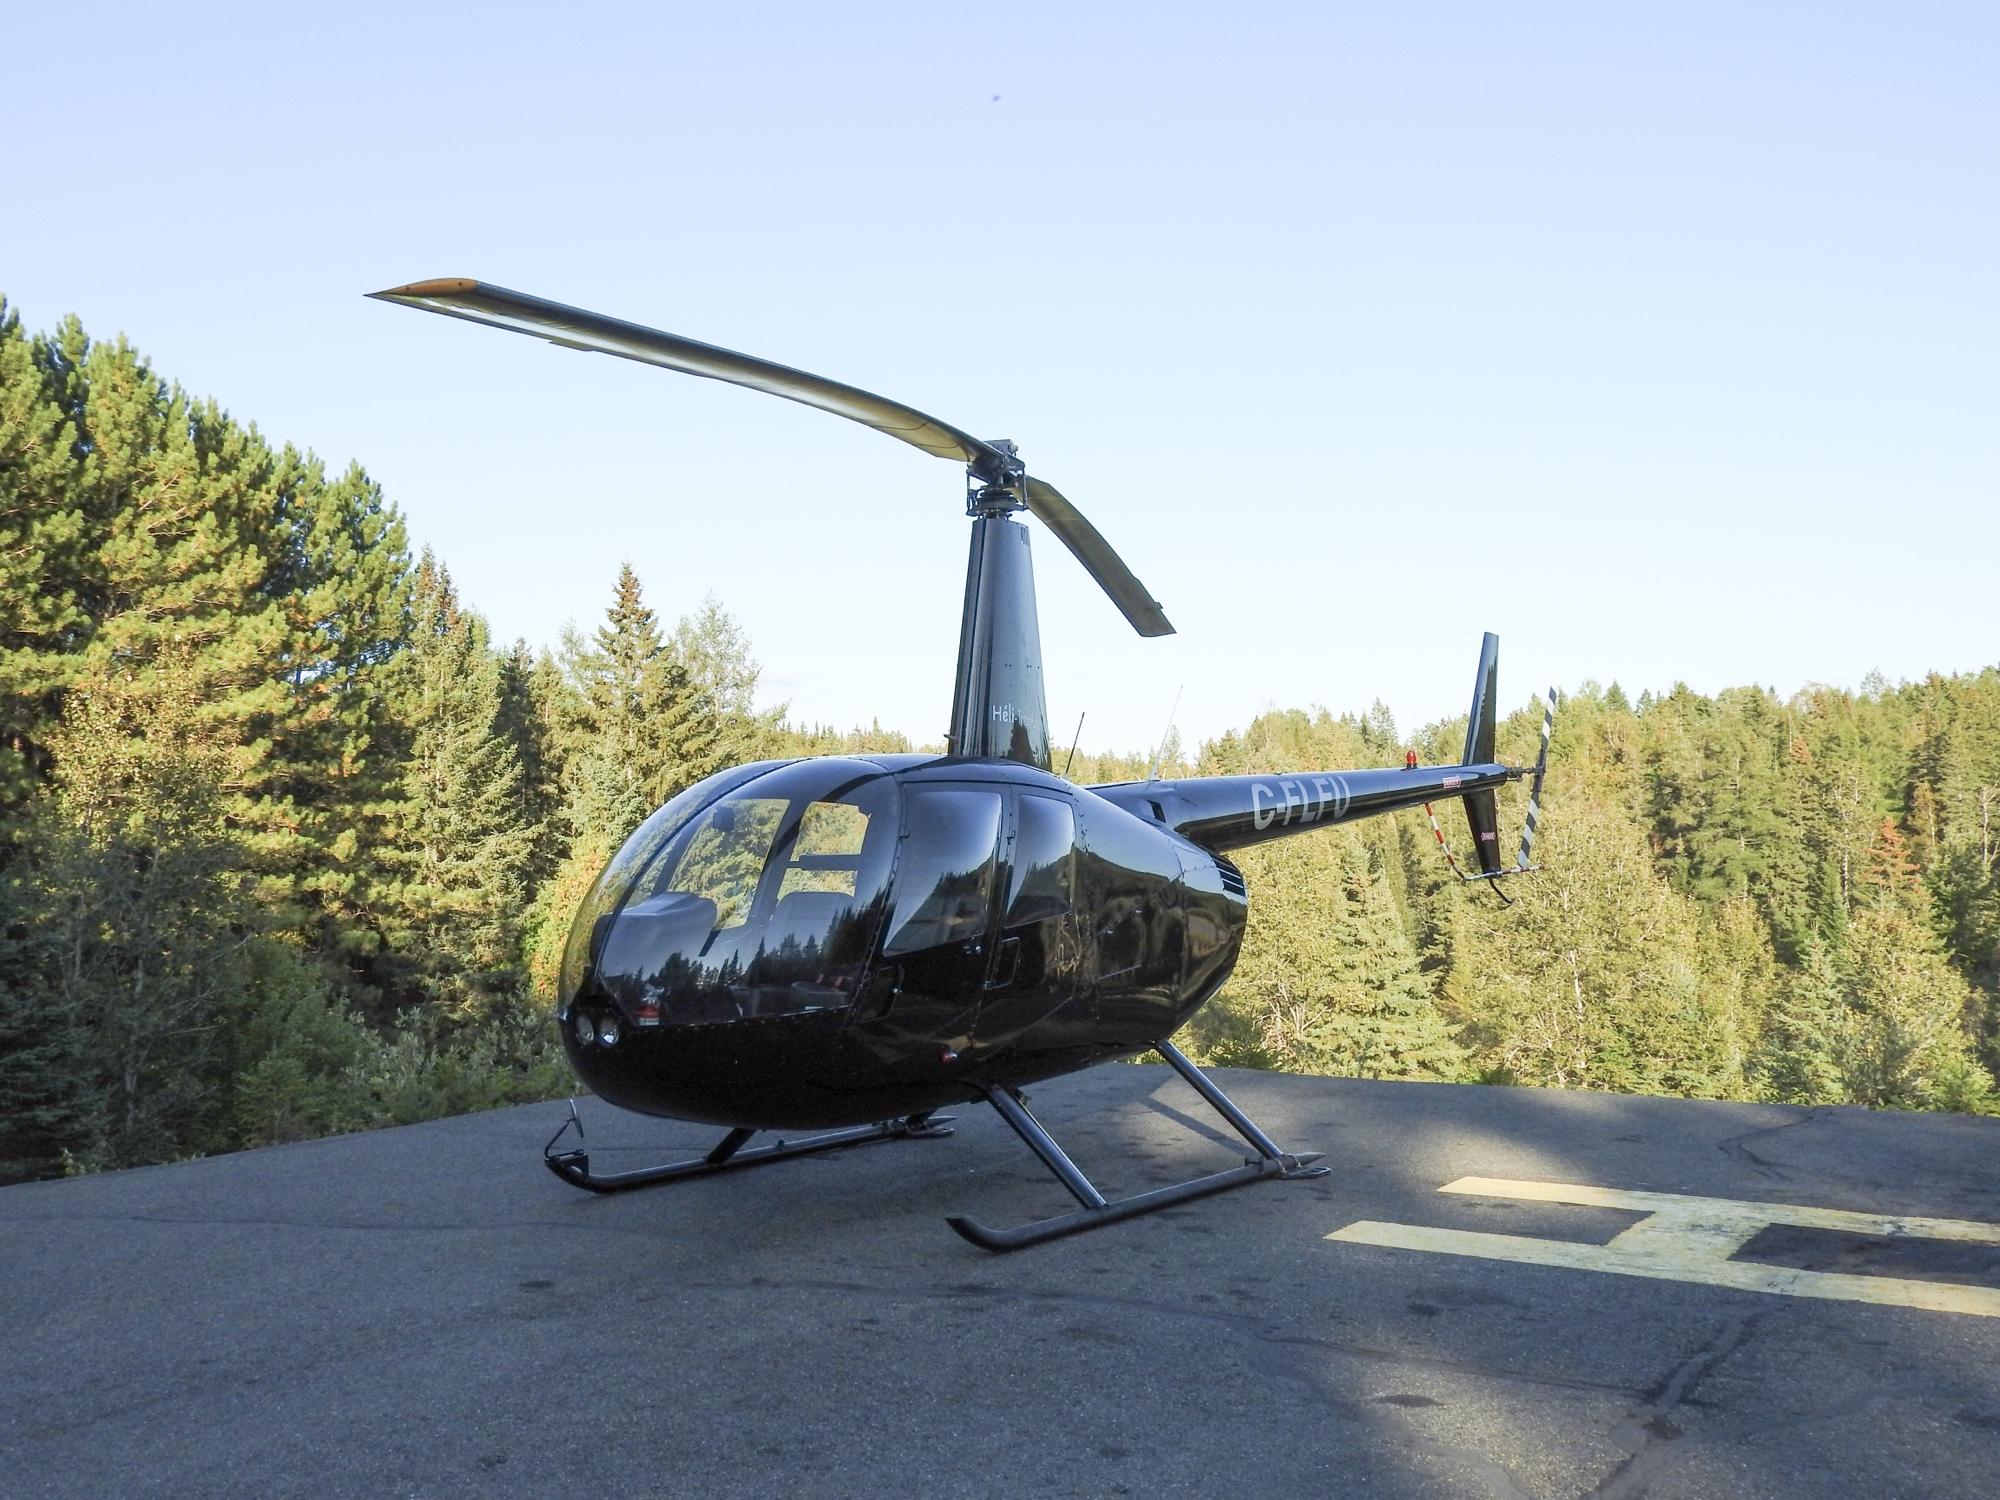 ローレンシャン モントランブランの ヘリコプター遊覧飛行。